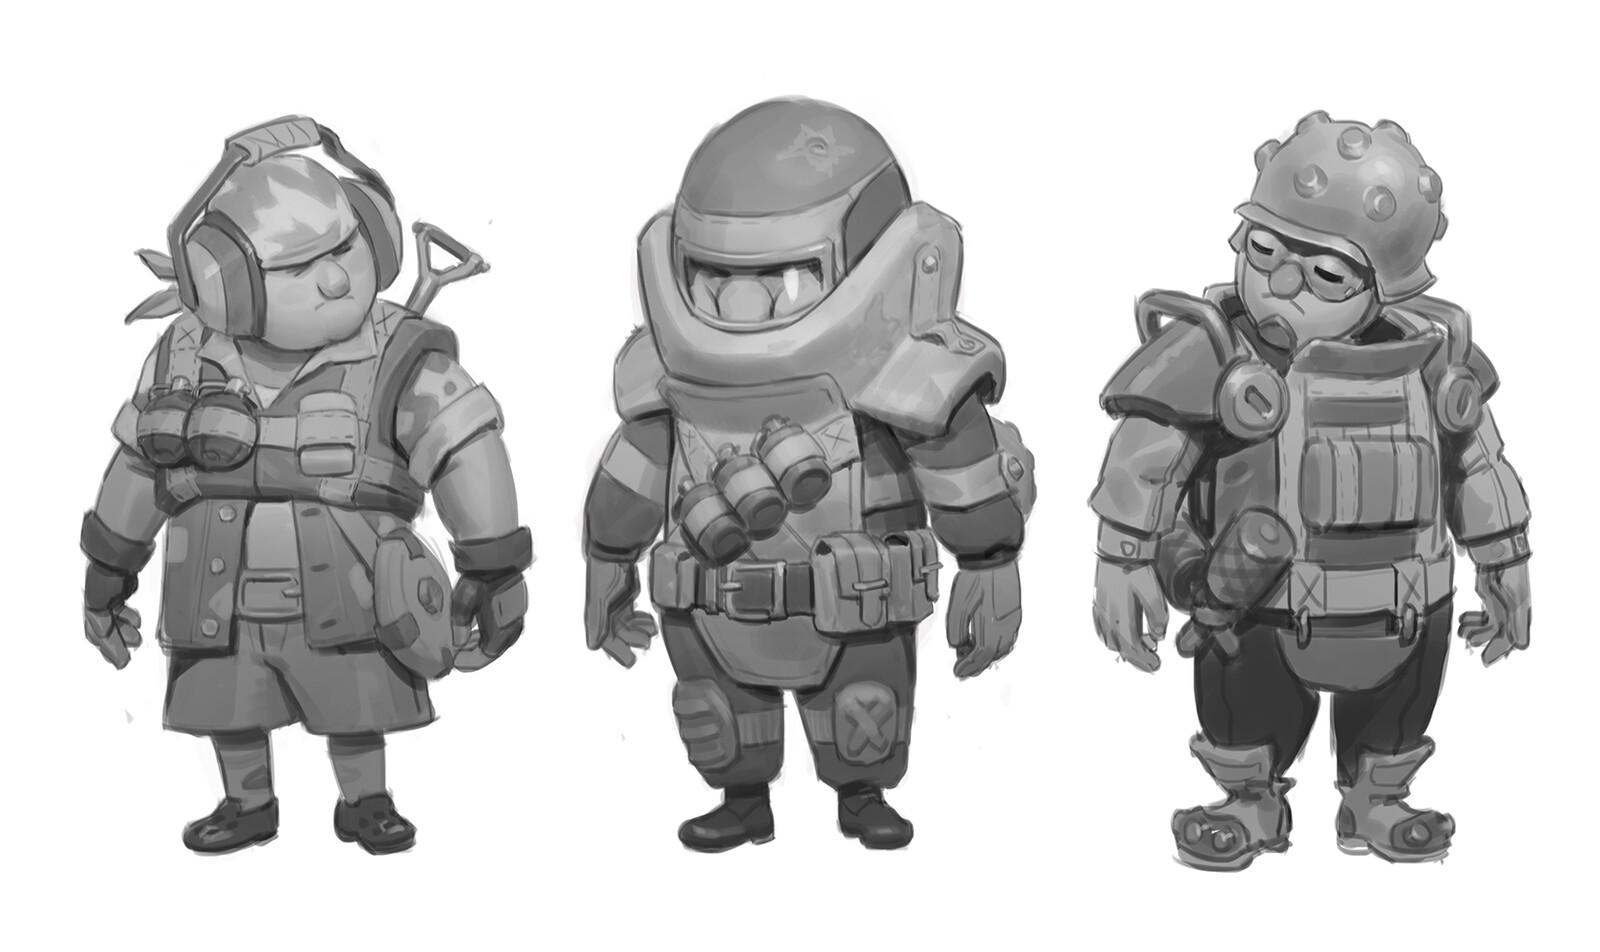 Cartoon soldier concepts